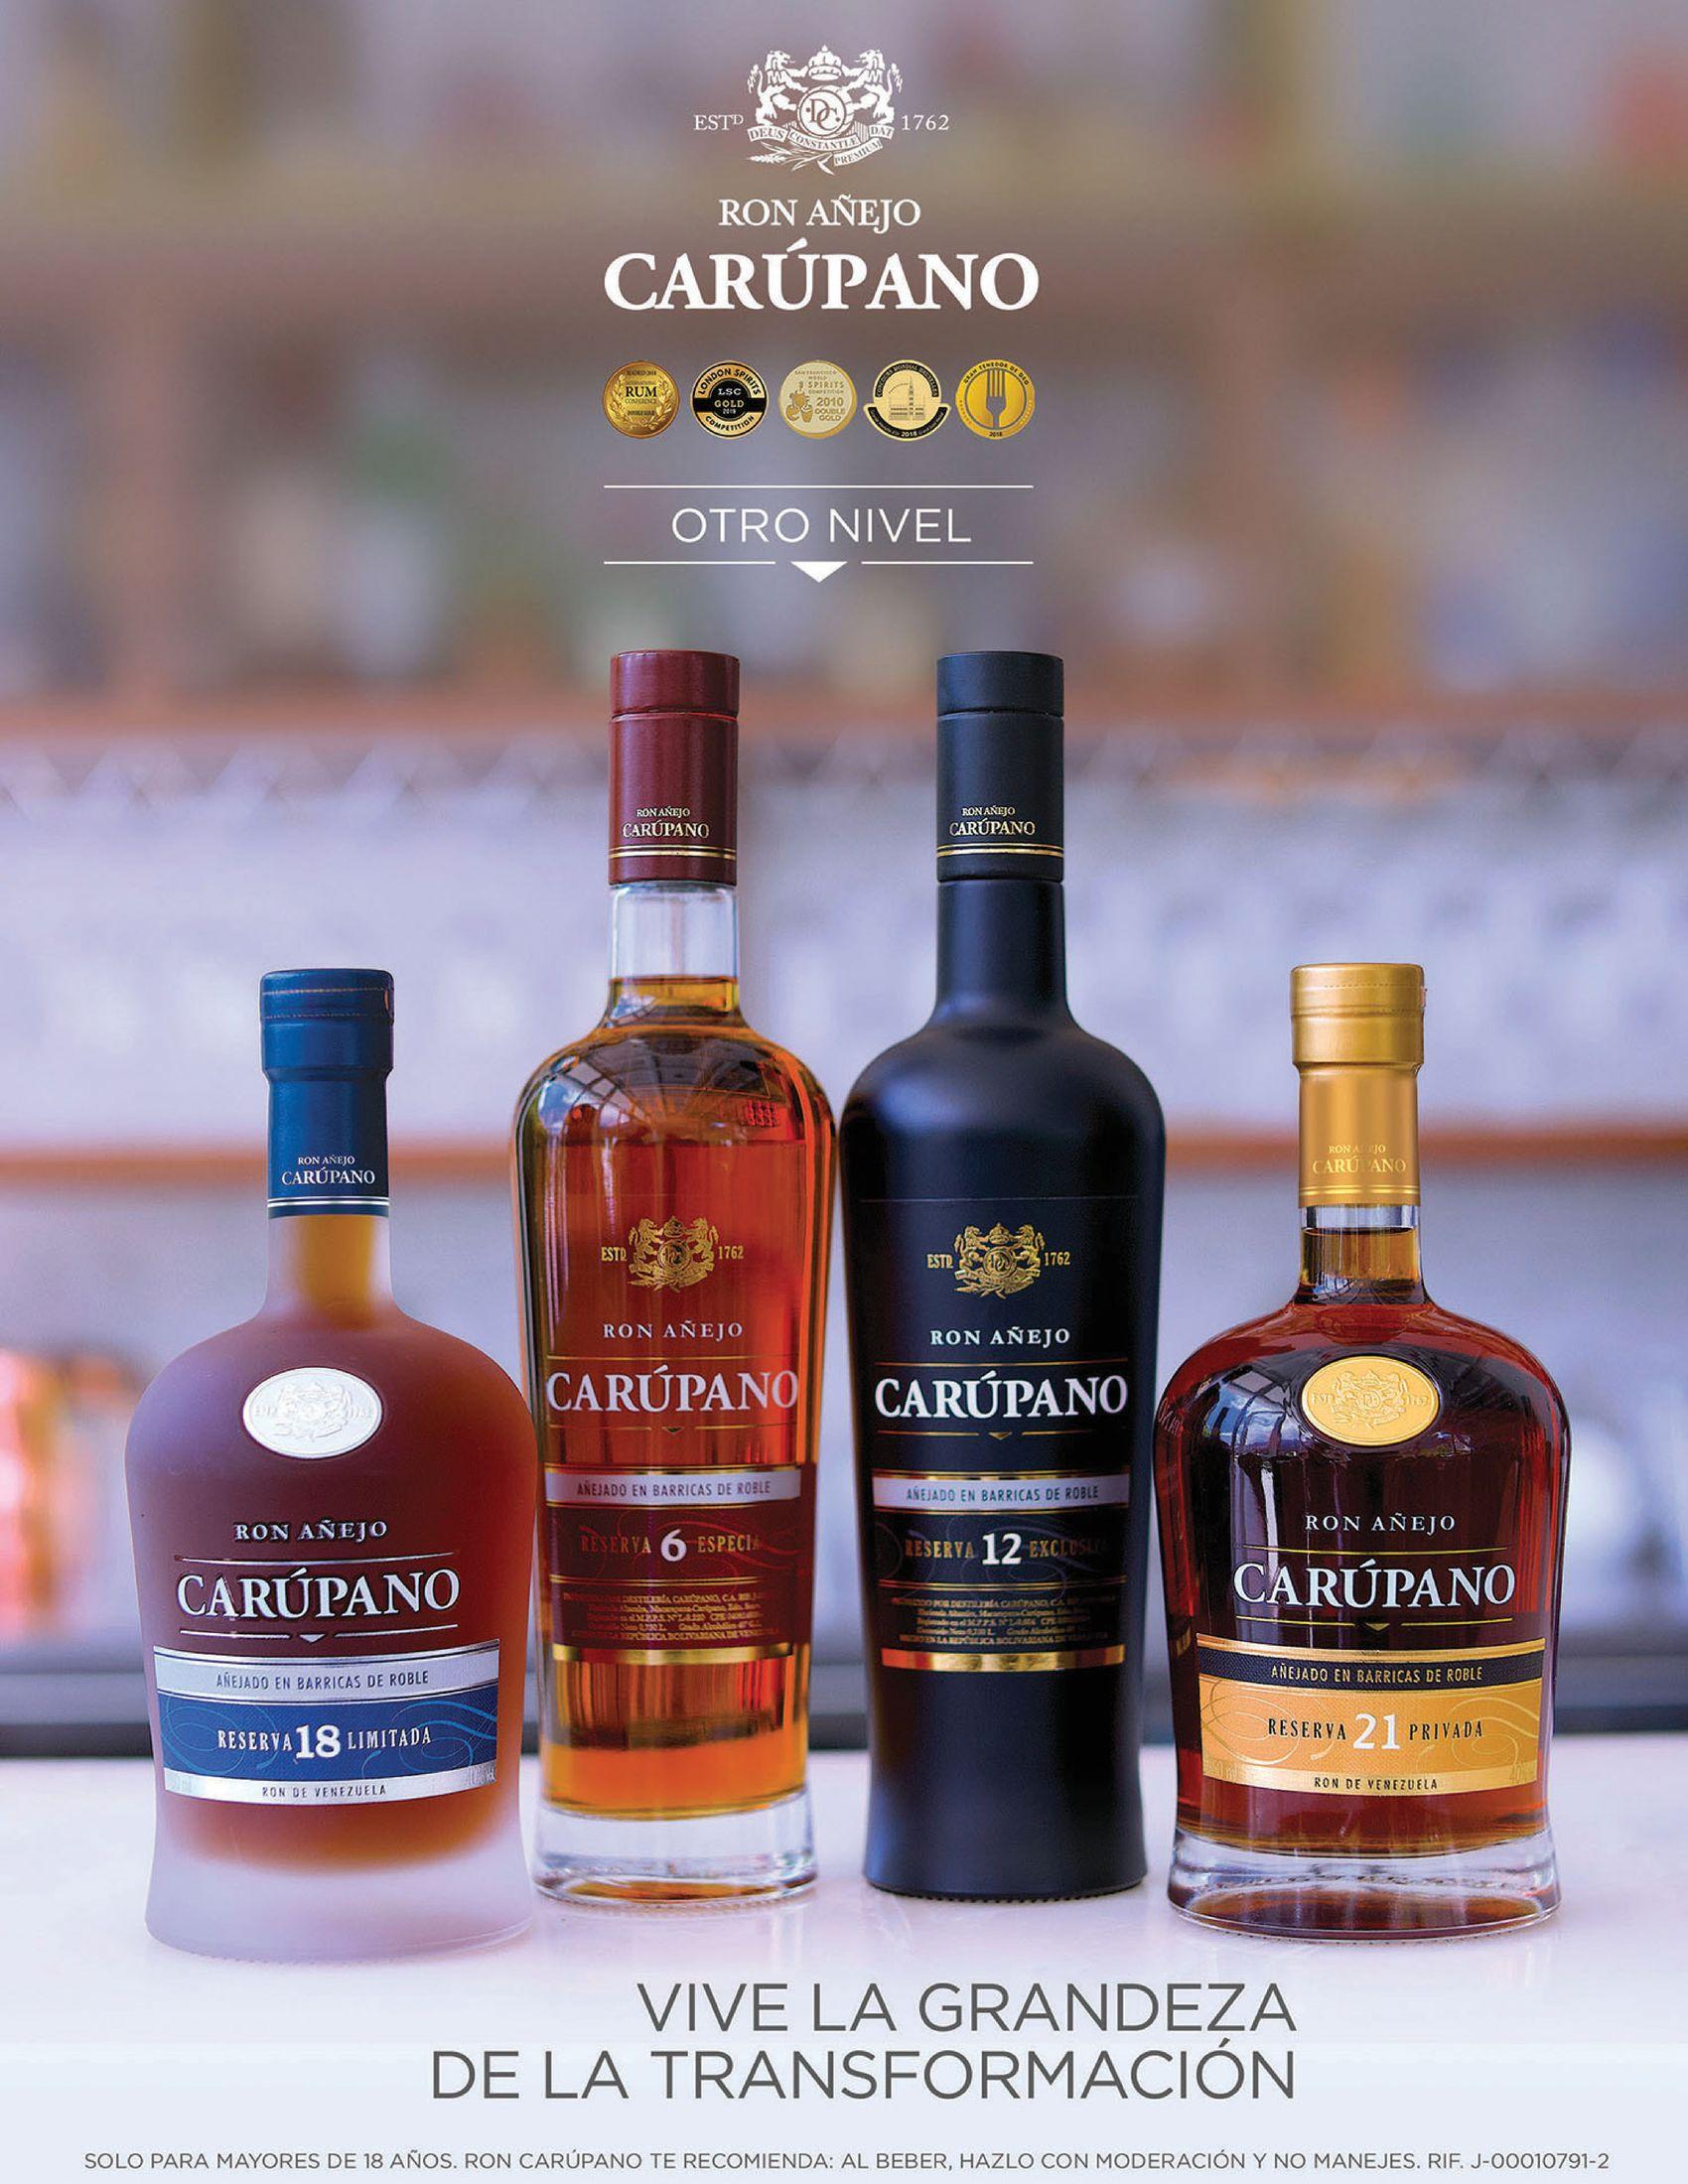 2-REV Carupano